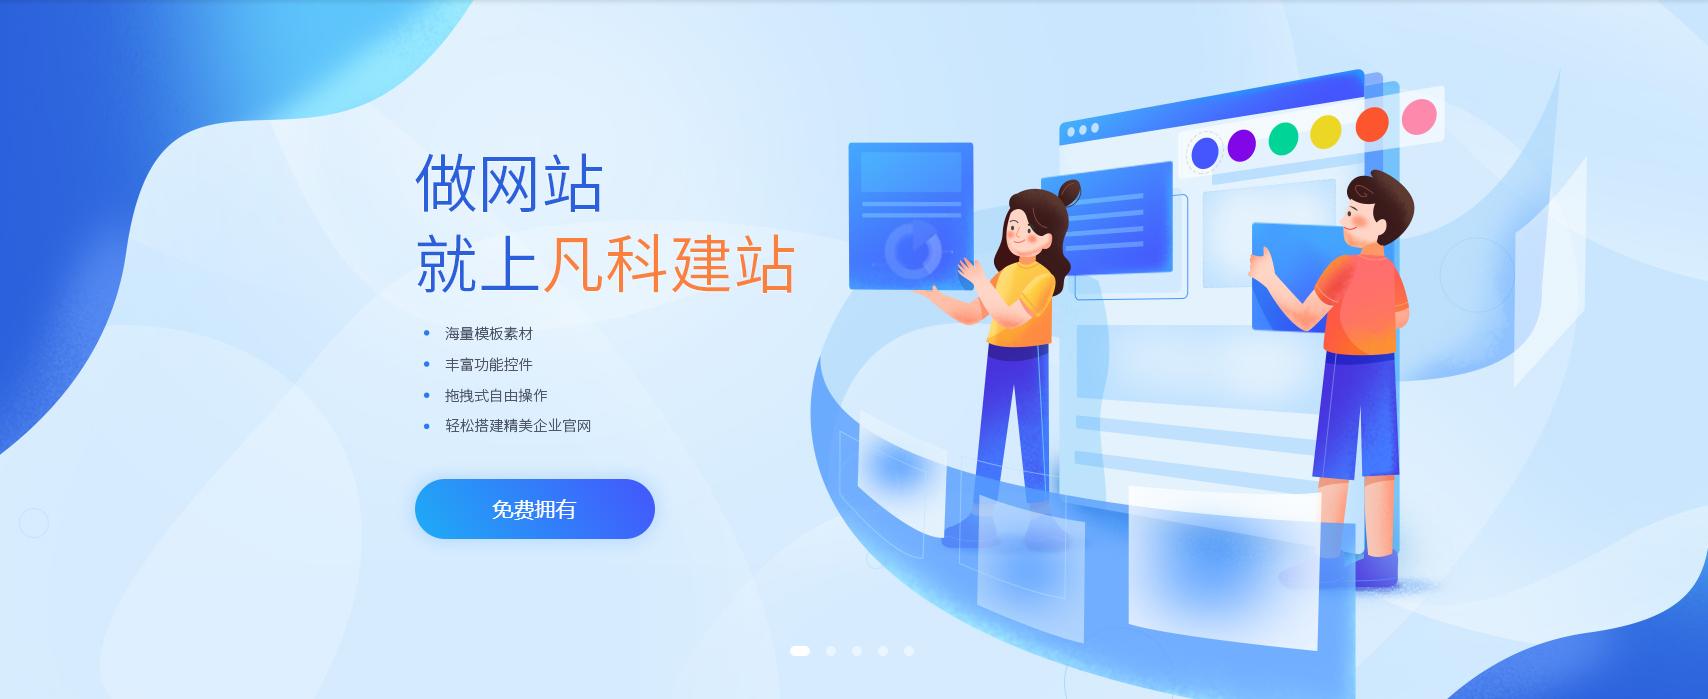 怎么建立外贸网站